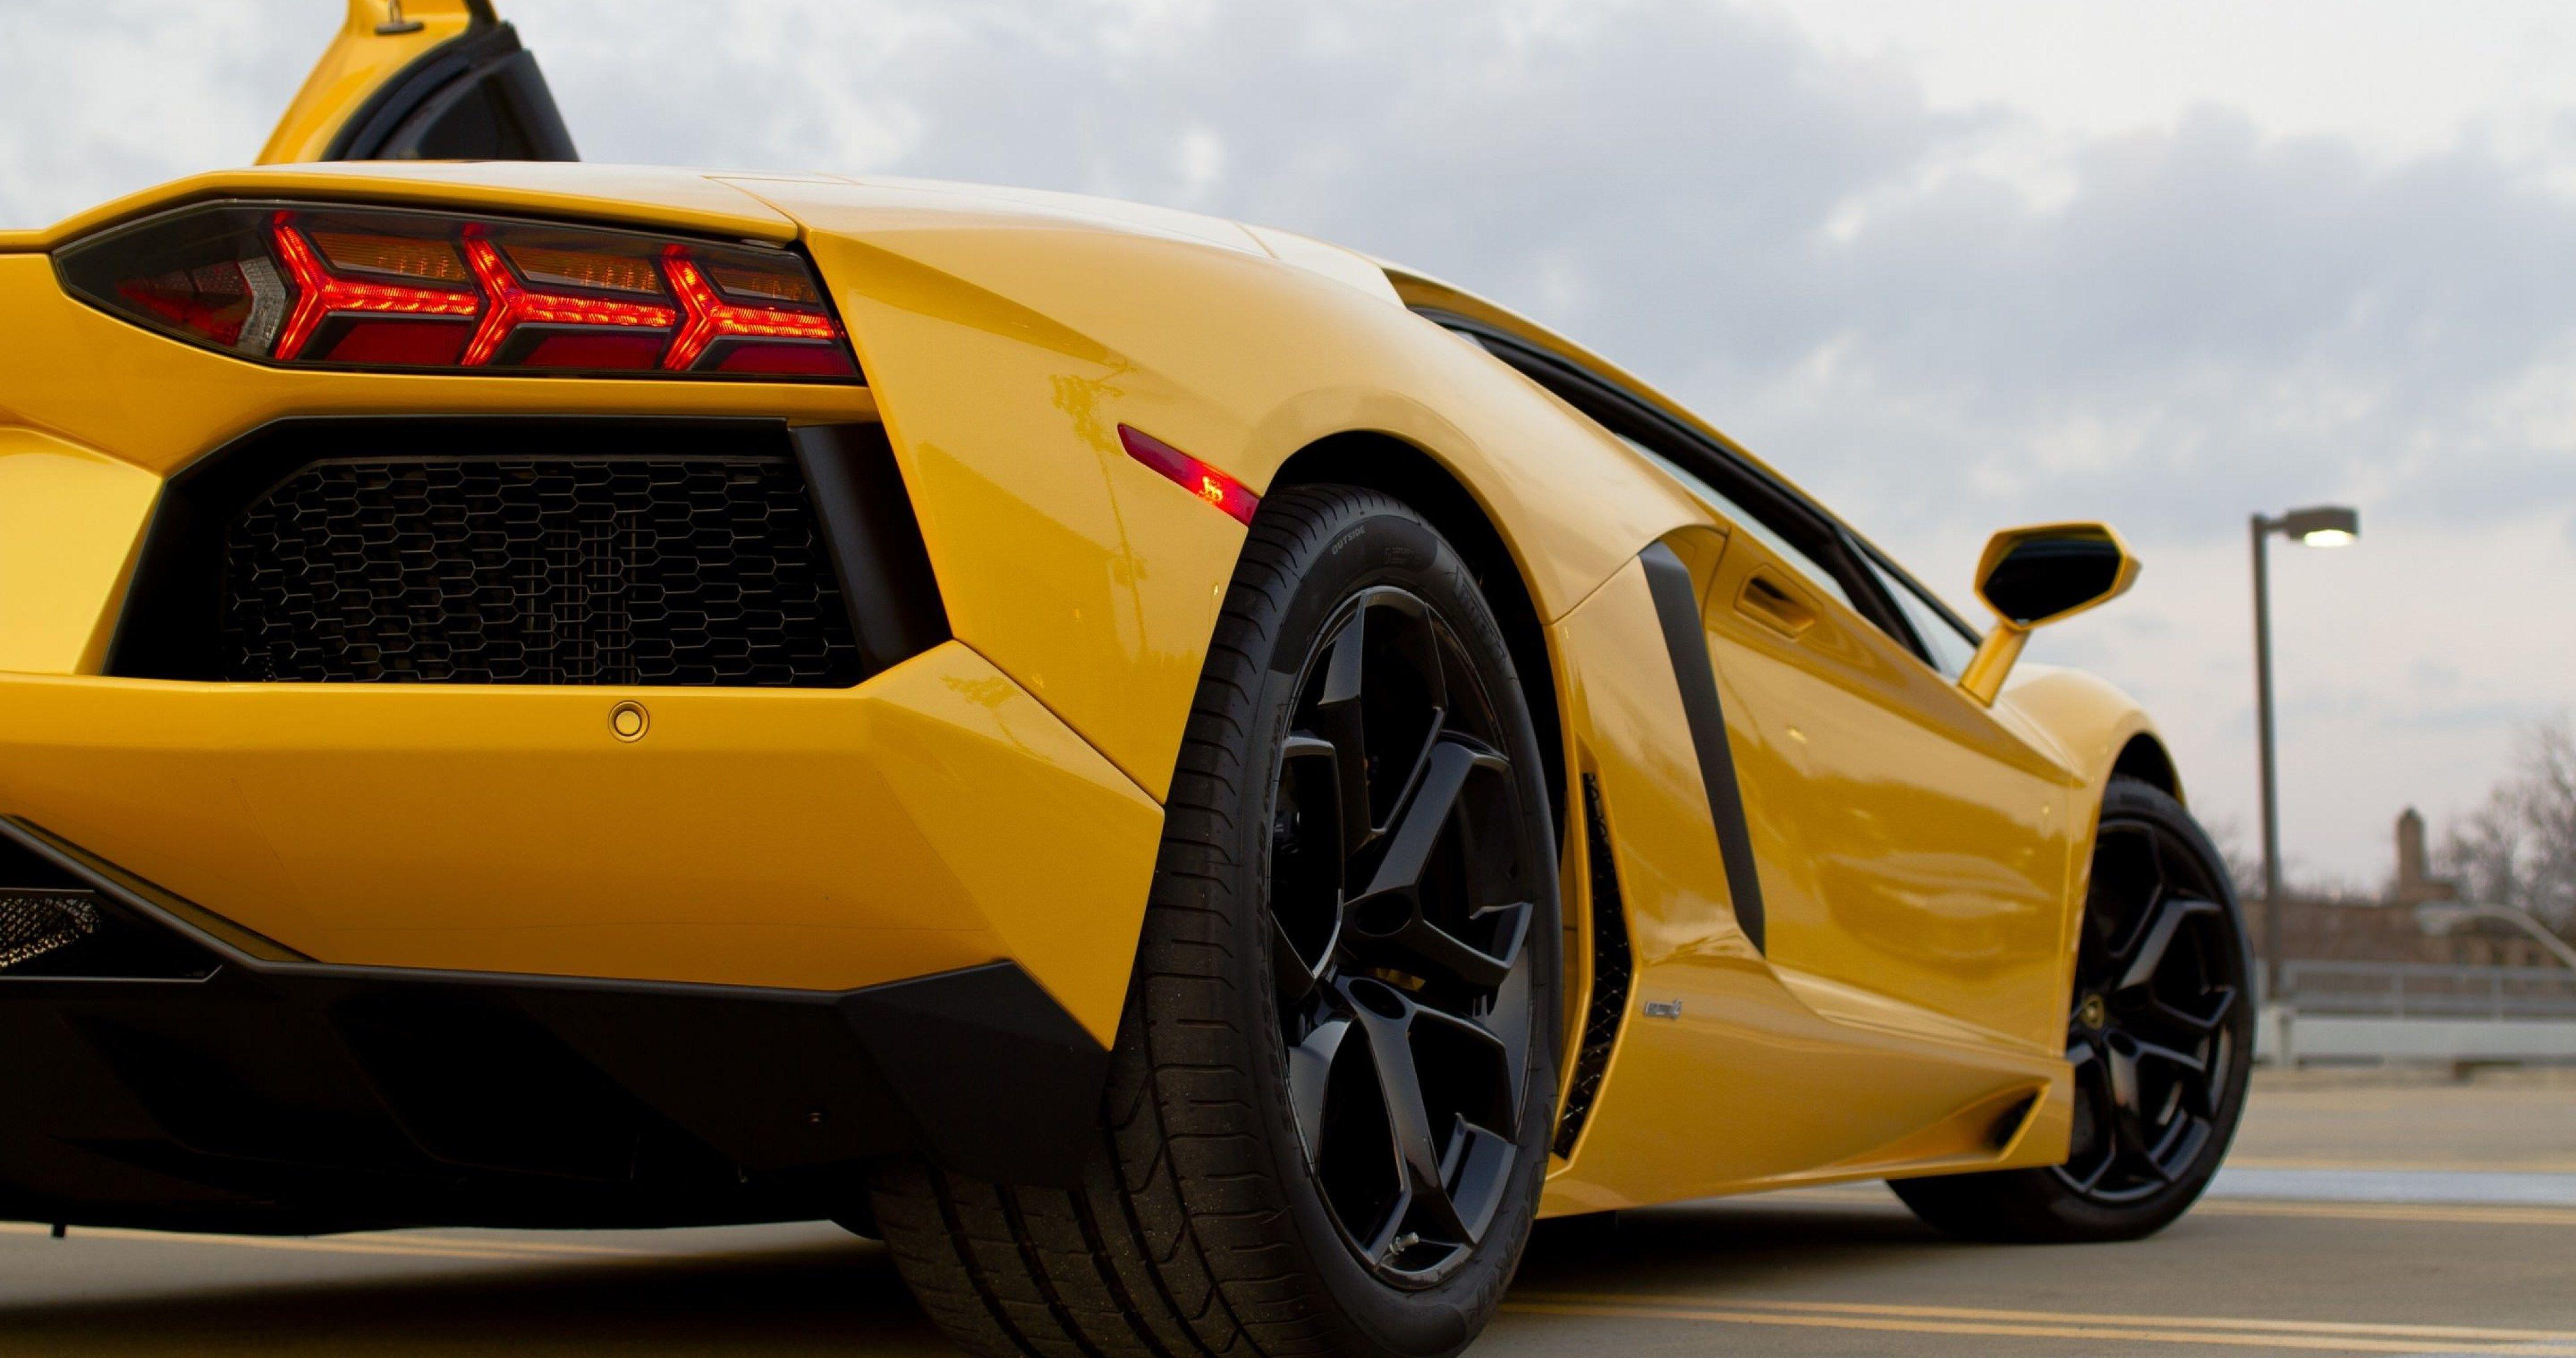 Lamborghini Aventador Green 4k Hd Cars 4k Wallpapers: Yellow Lamborghini 4k Ultra Hd Wallpaper